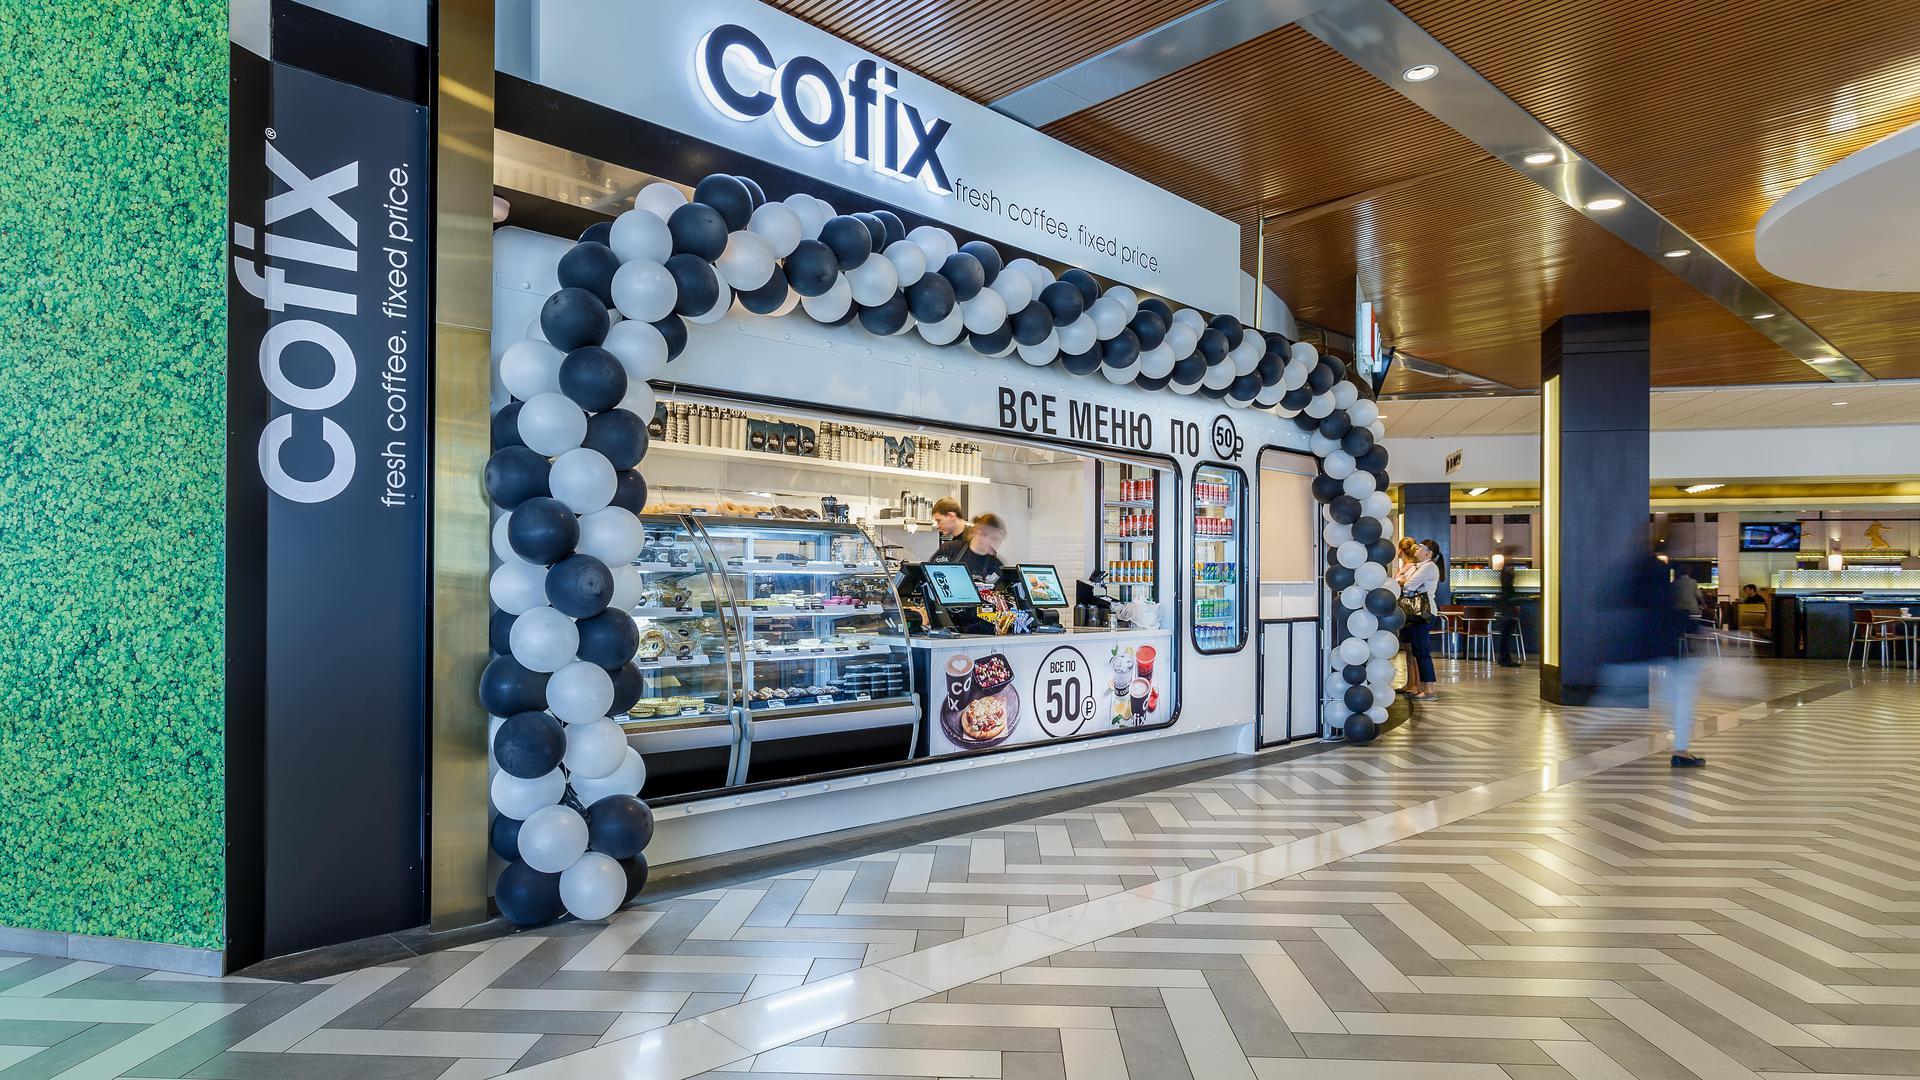 Франшиза Cofix: стоимость, порядок и условия покупки, плюсы и минусы